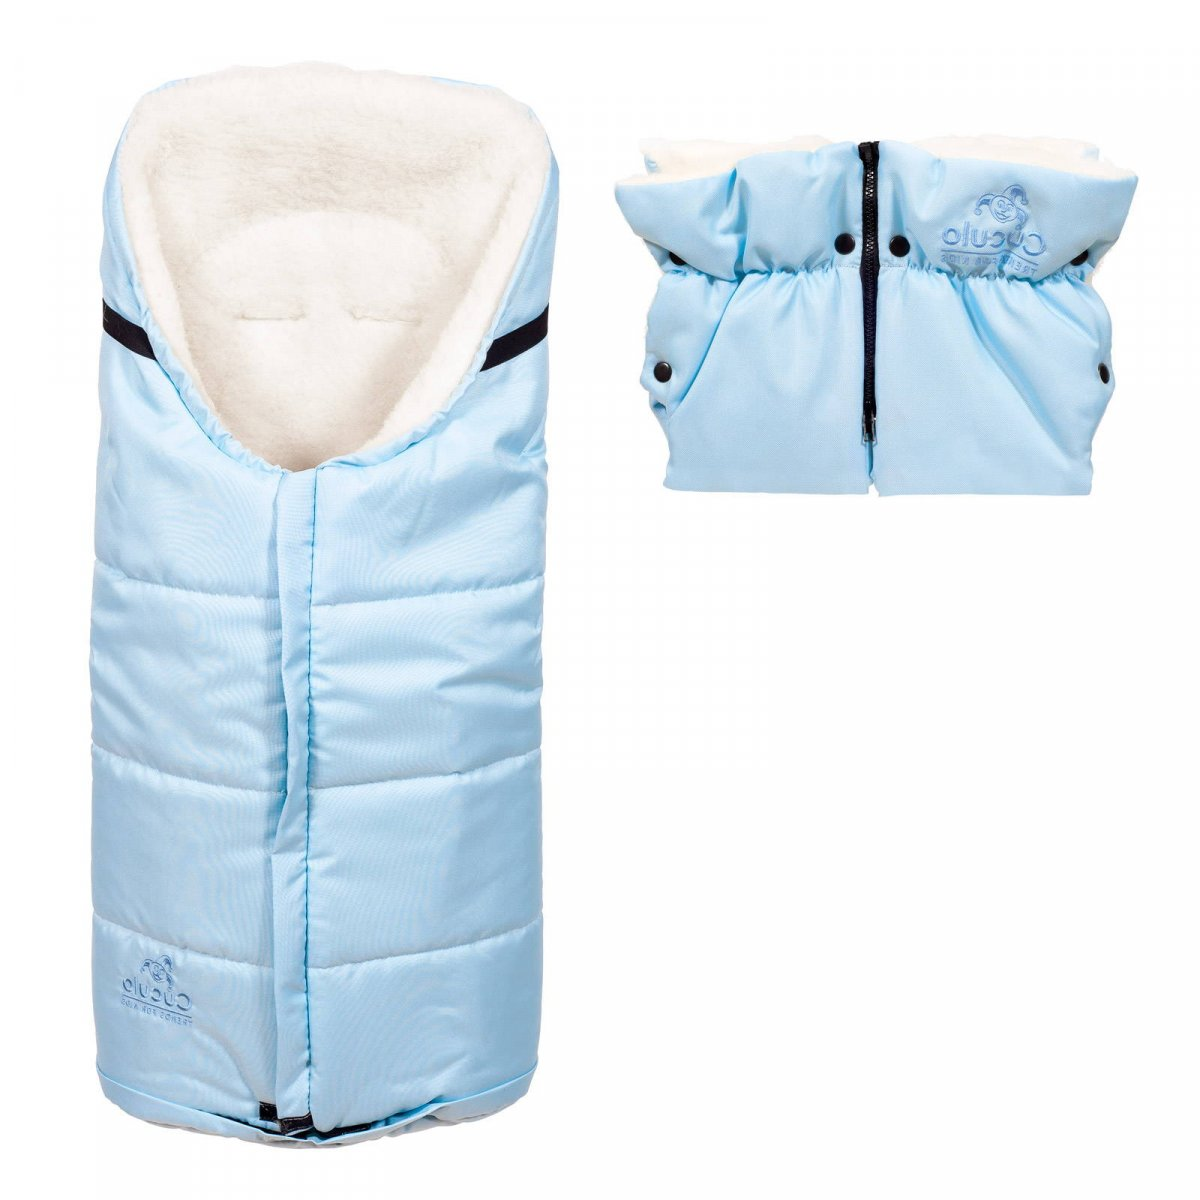 Set - nepromokavý fusak Iceland wool a rukávník, ovčí vlna, světle modrý, Cuculo